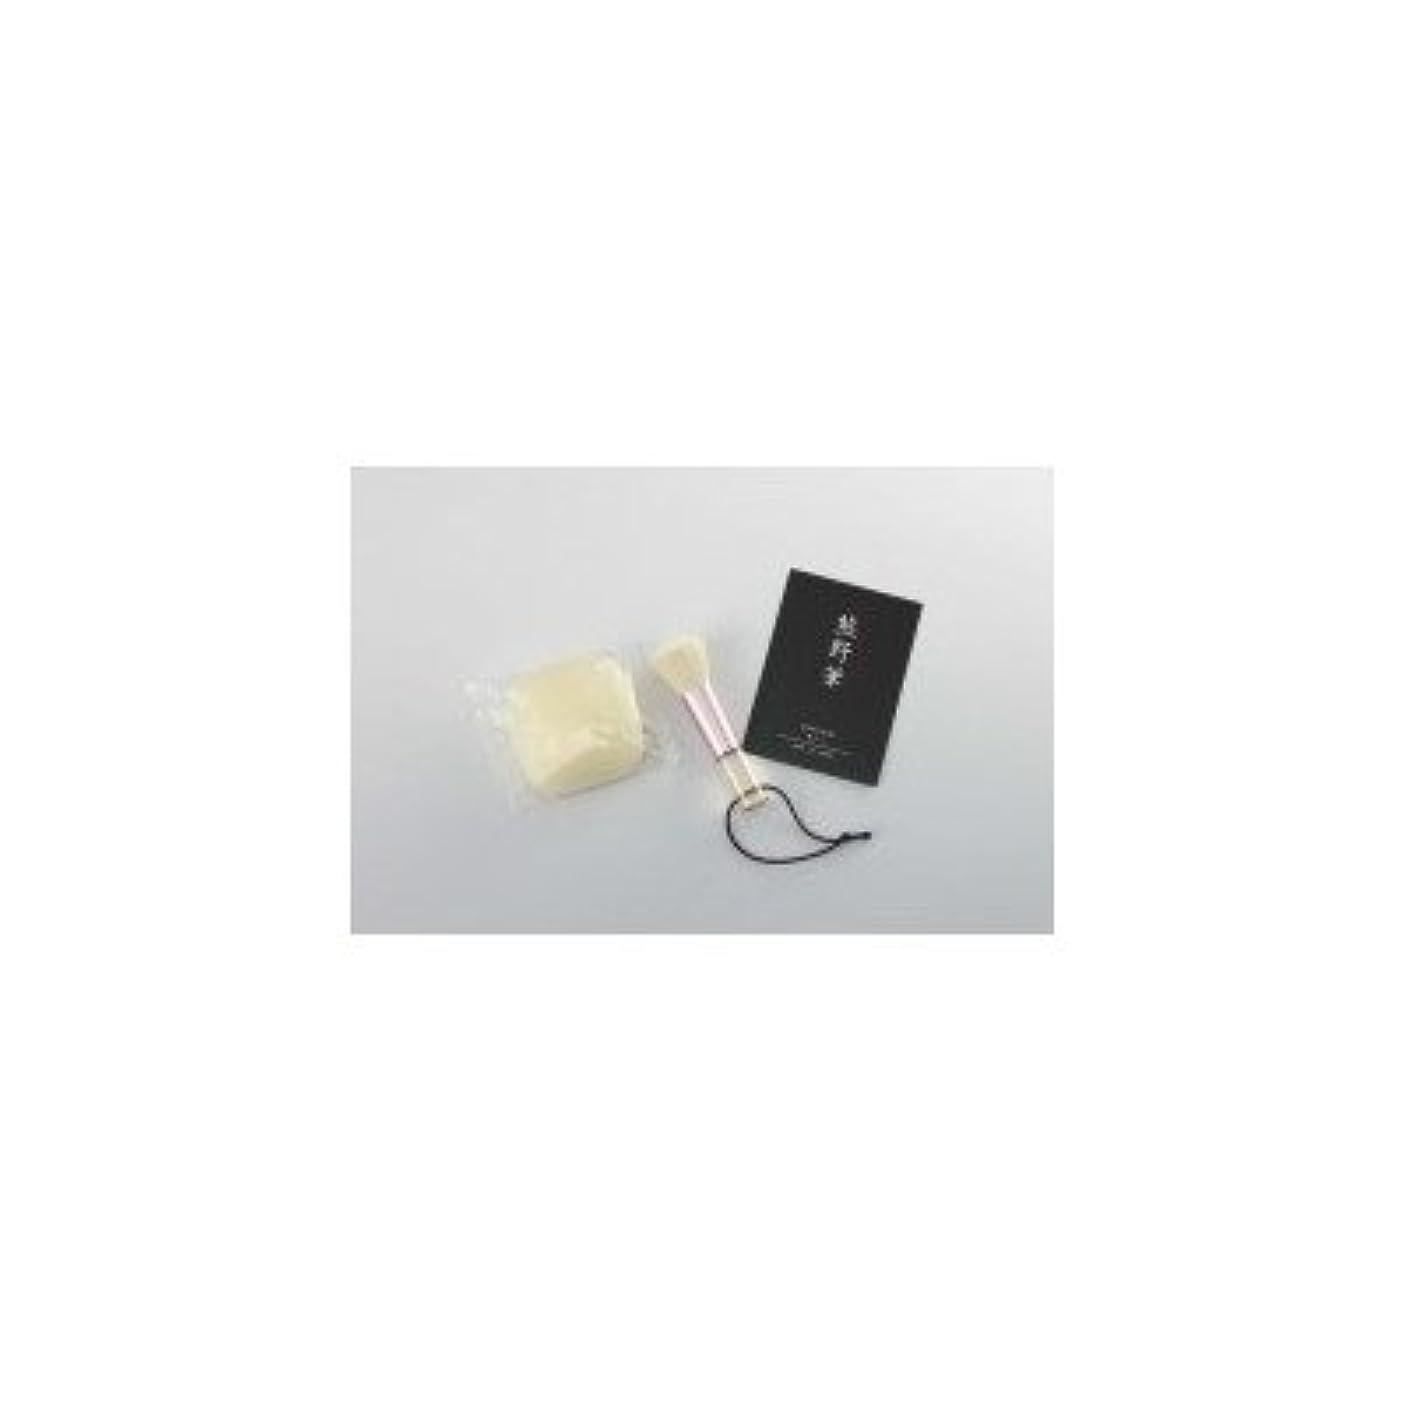 テクトニック君主物理世界に誇る熊野化粧筆 KFi-35FSZ 熊野化粧筆 筆の心 洗顔ブラシ&ソープ